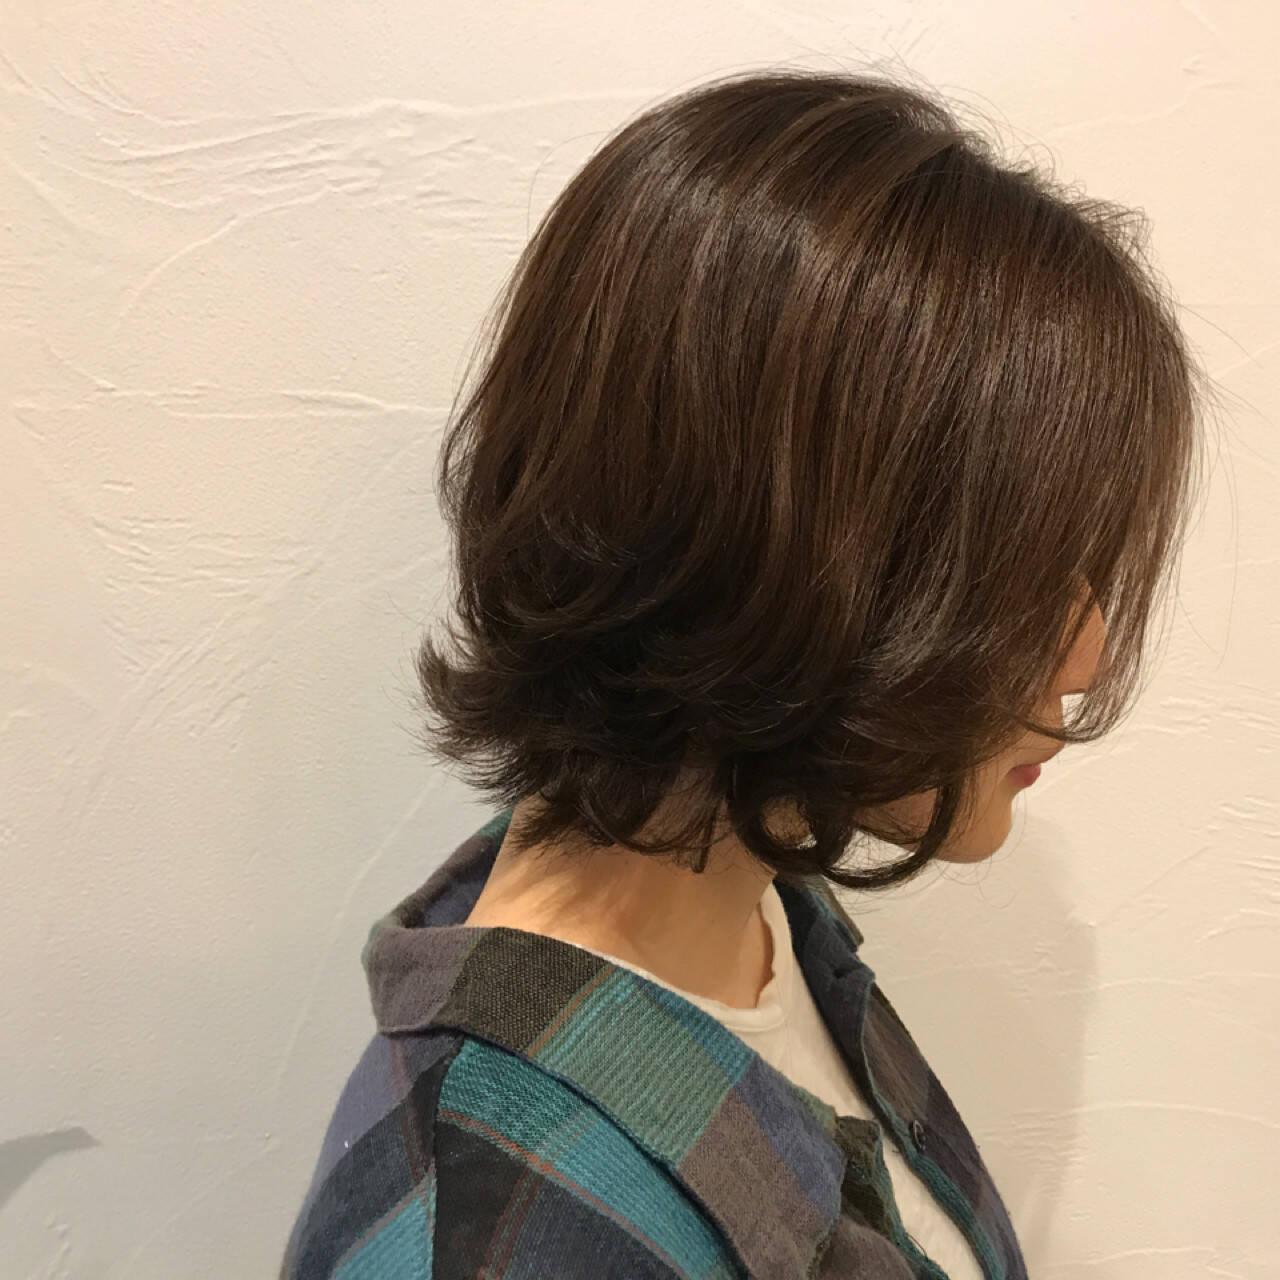 スポーツ ナチュラル マッシュ 前髪ありヘアスタイルや髪型の写真・画像